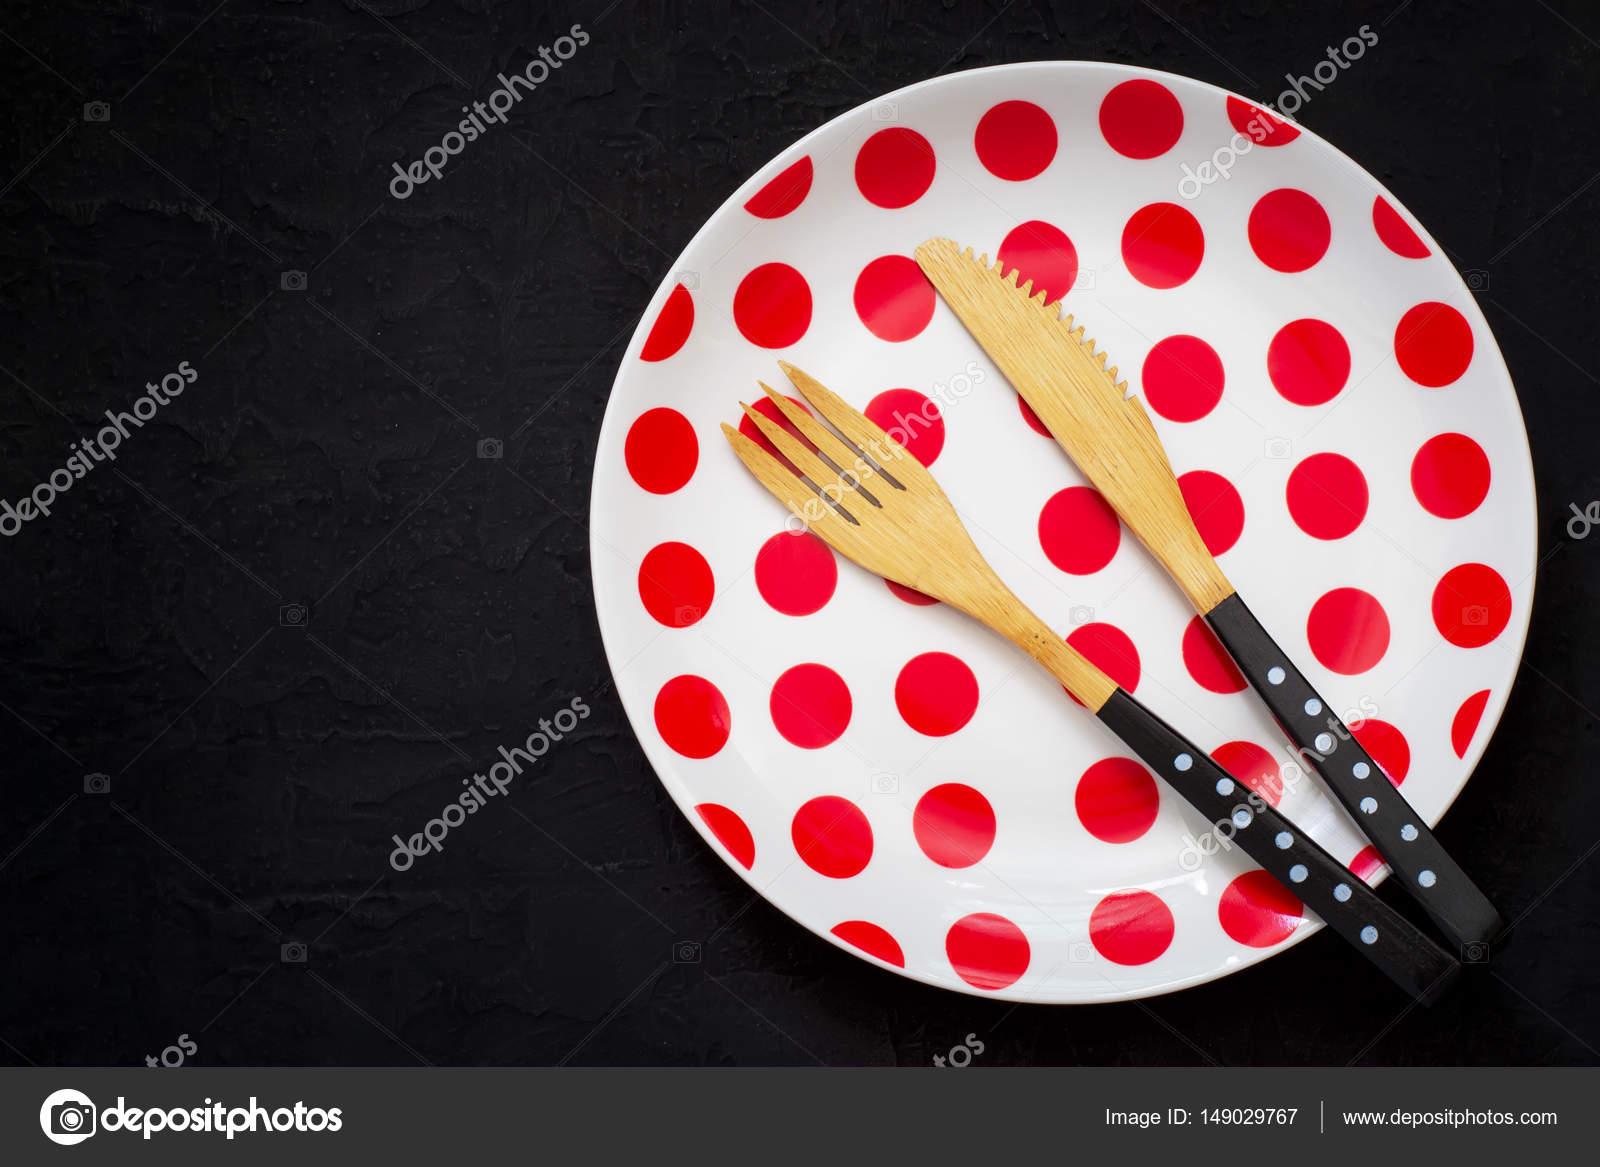 Tischdekoration Mit Bambus Messer Gabel Und Teller Mit Polka Dots